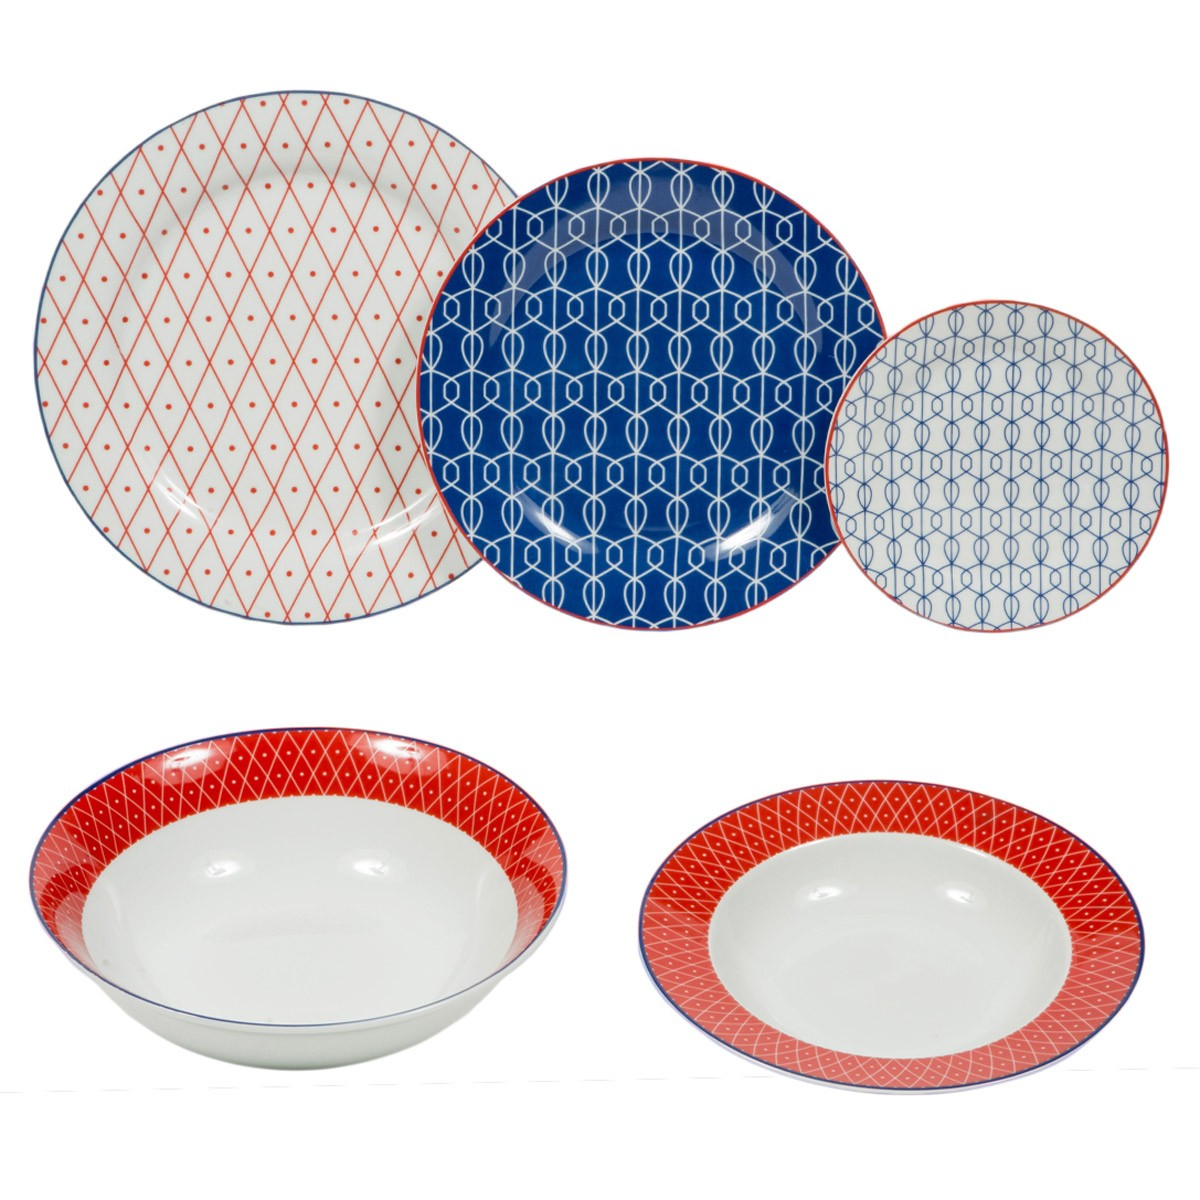 Σερβίτσιο 20Τμχ Marva Mesh Red/Blue 687028 home   κουζίνα   τραπεζαρία   πιάτα   μπωλ